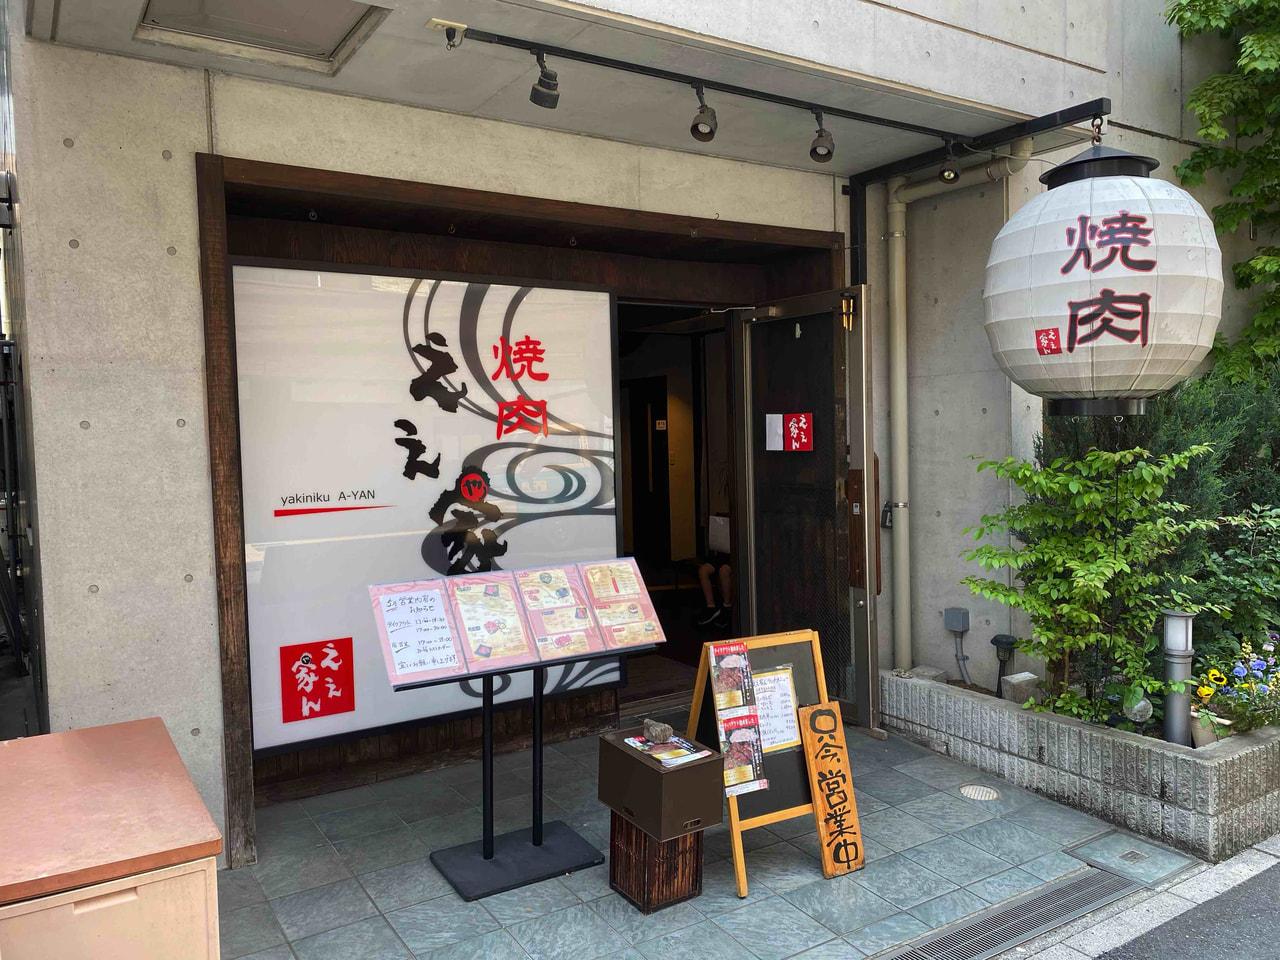 焼肉 ええ家ん(ええやん)(朝霞市)のお店の外観